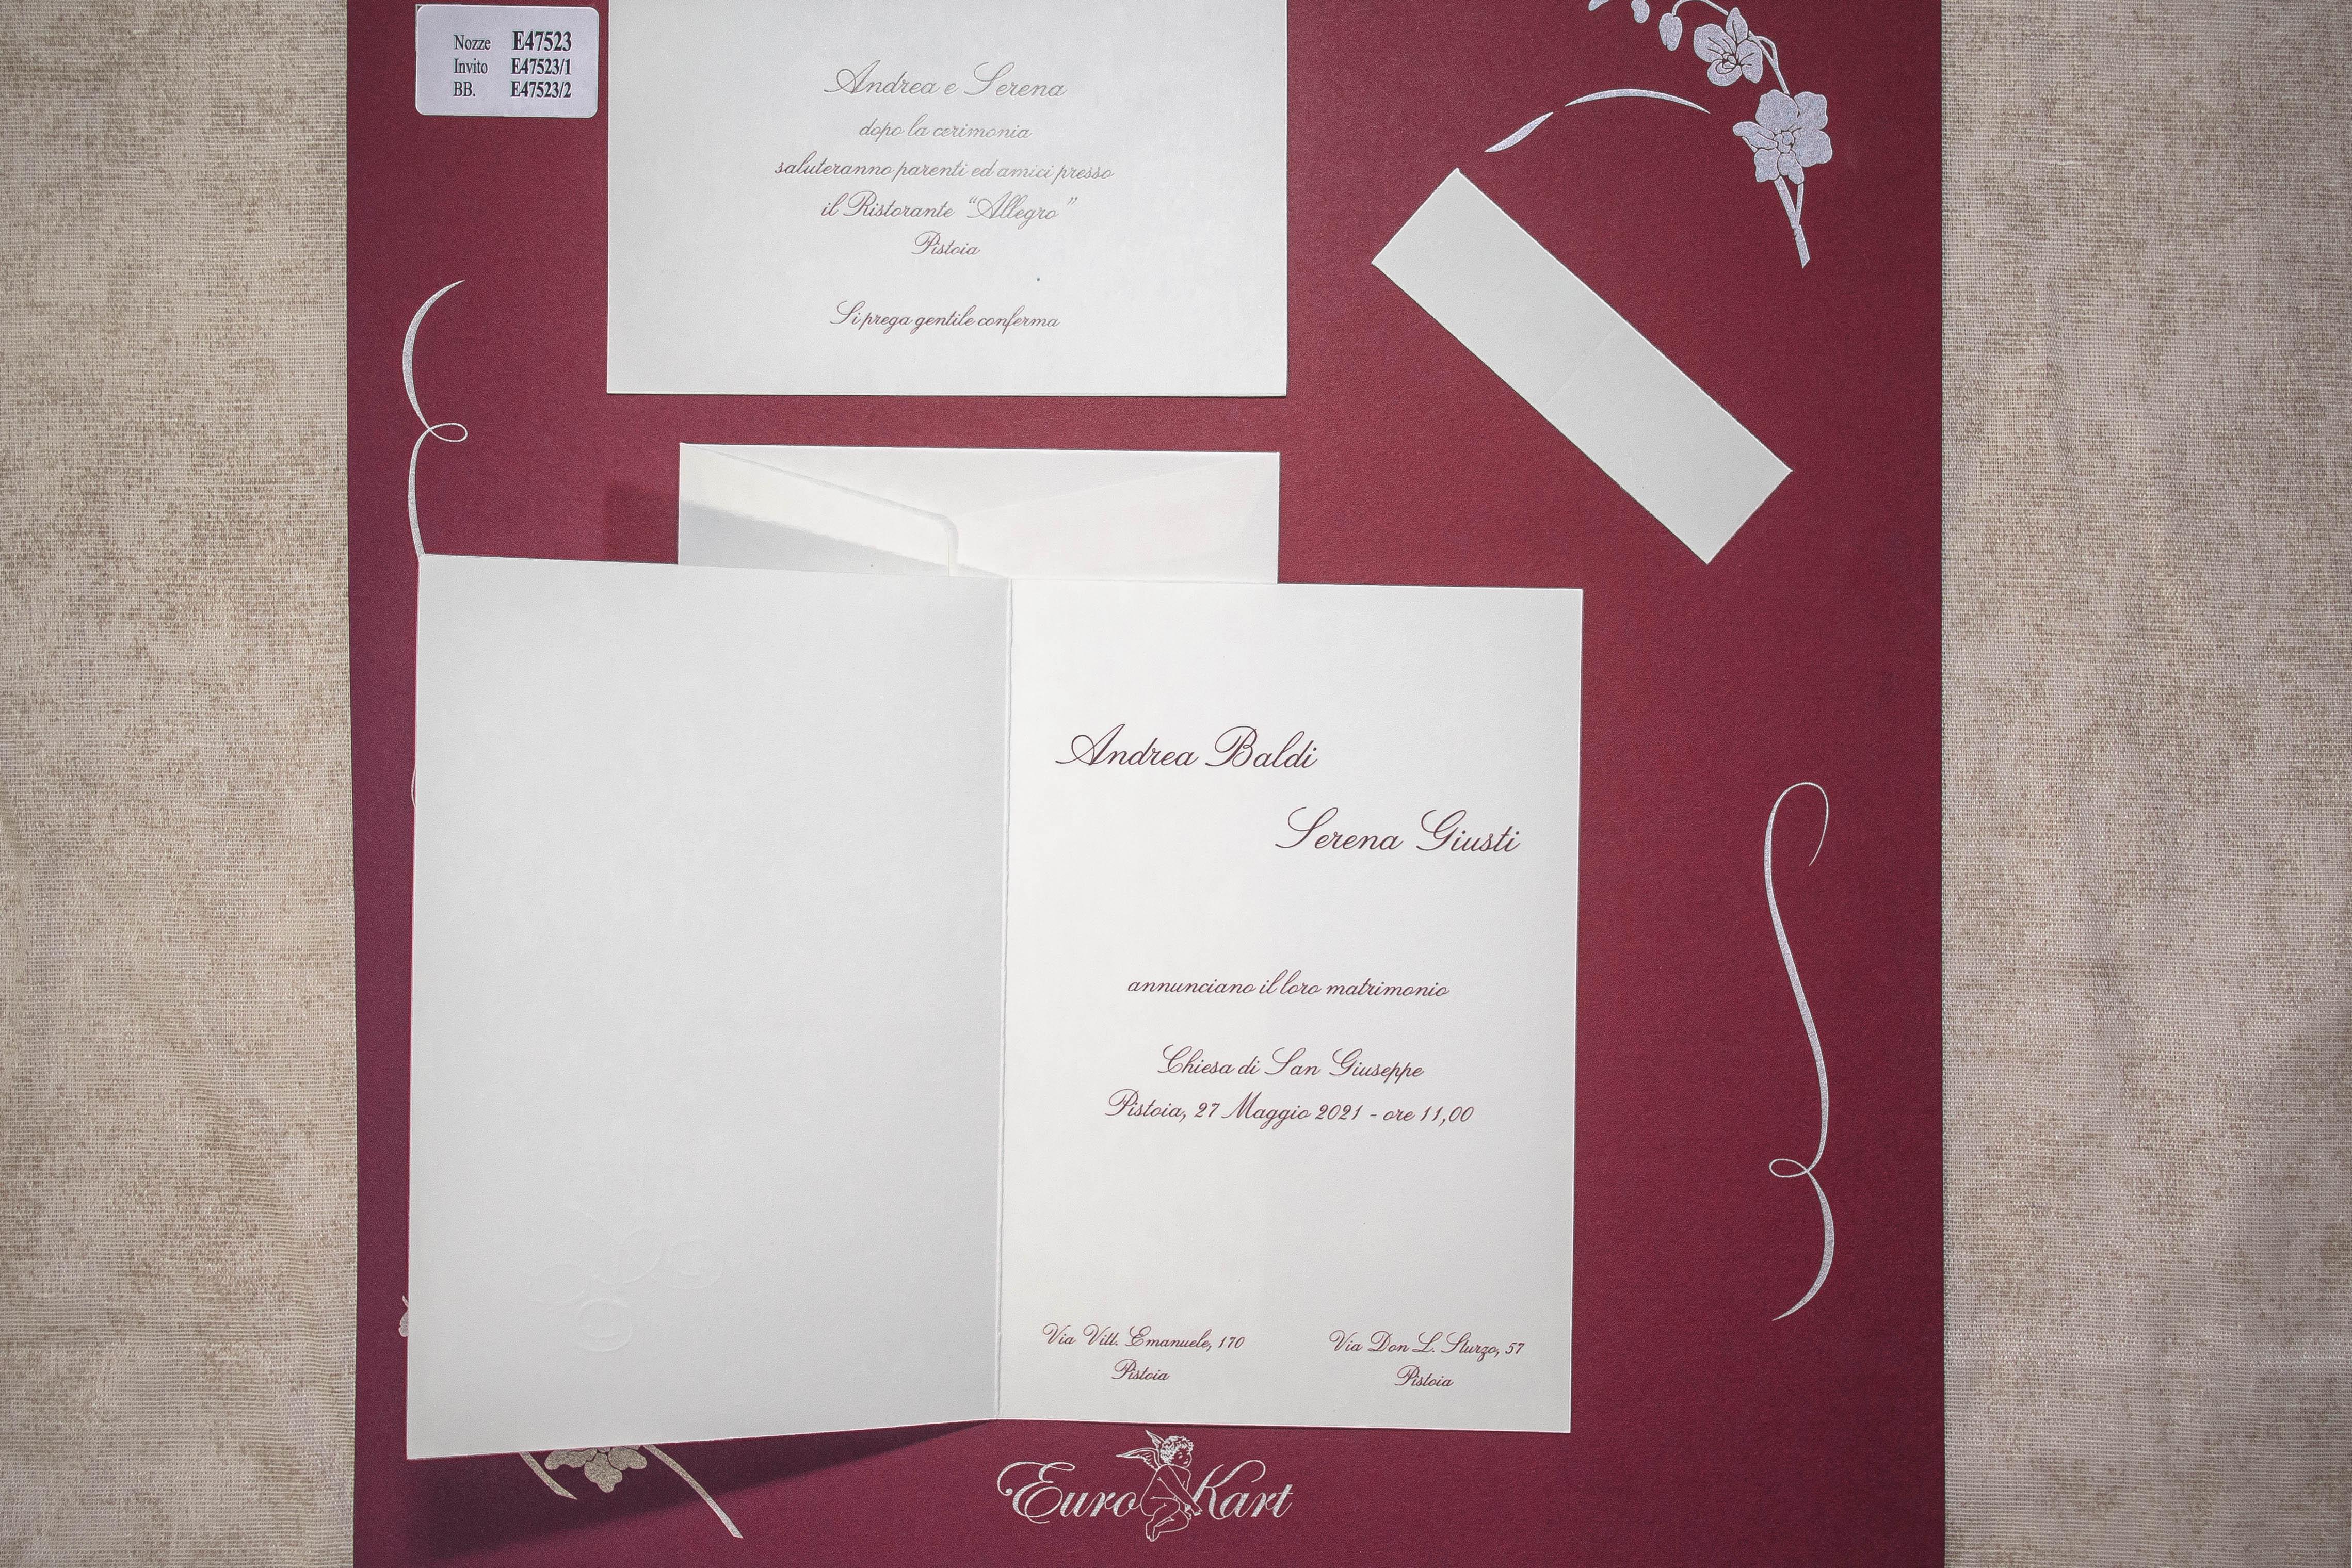 partecipazione di matrimonio E47523